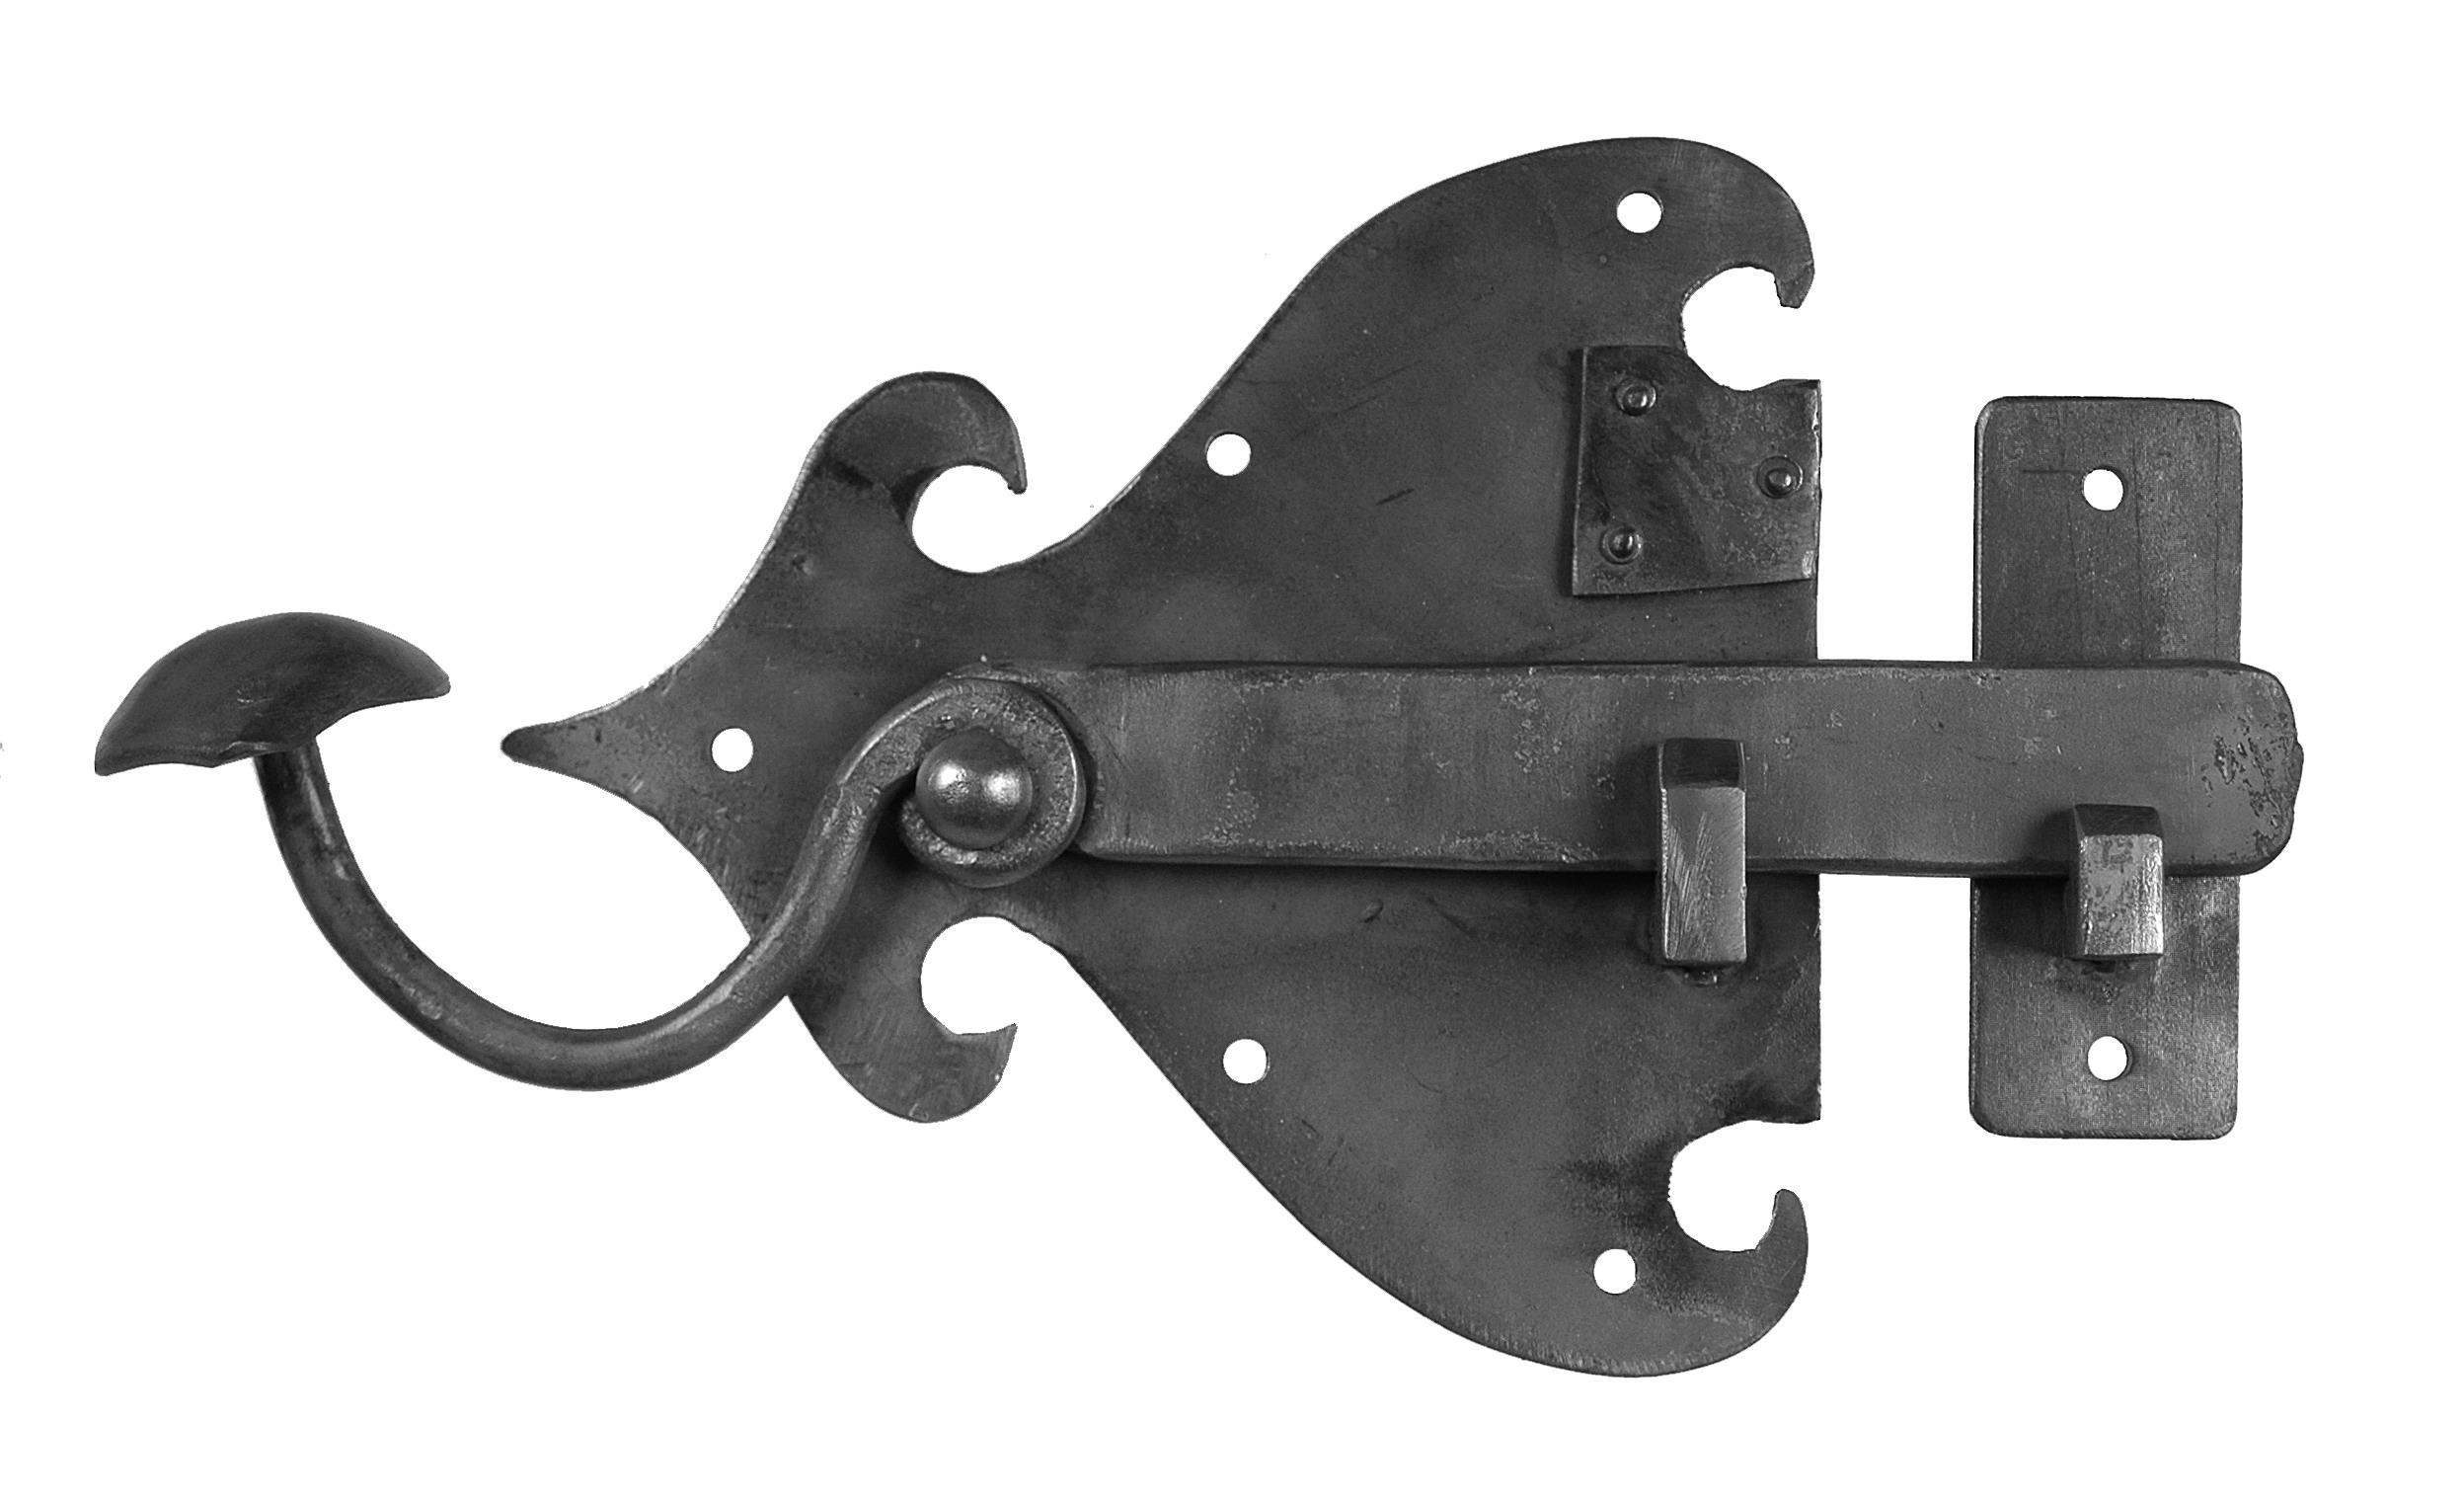 Verrou de style m di val chez d co fer forg - Porte bois et fer forge ...